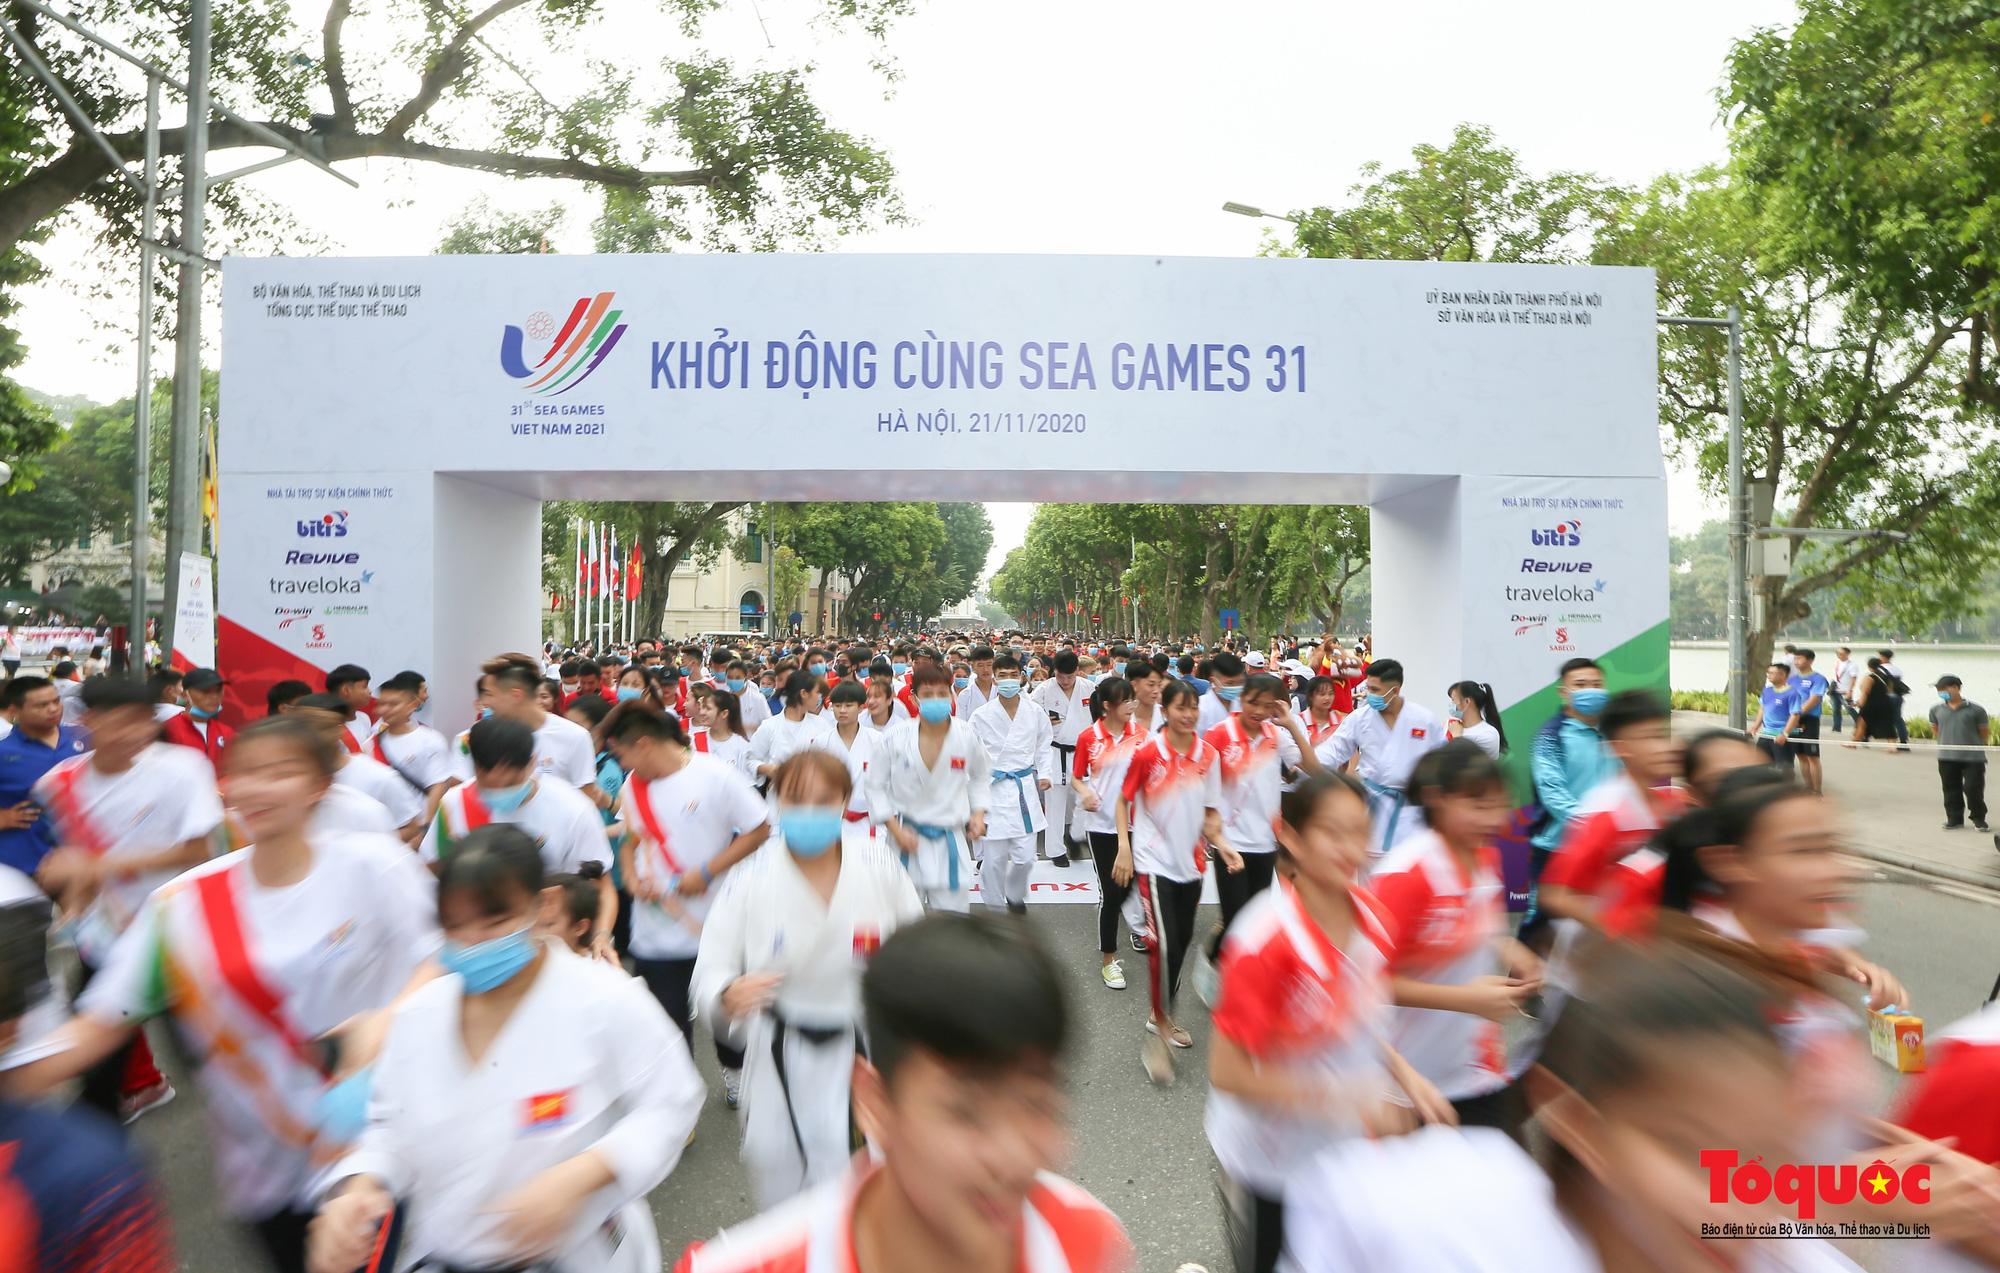 Khởi động cùng SEA Games 31 - Việt Nam sẵn sàng cho Đại hội thể thao lớn nhất Đông Nam Á  - Ảnh 10.